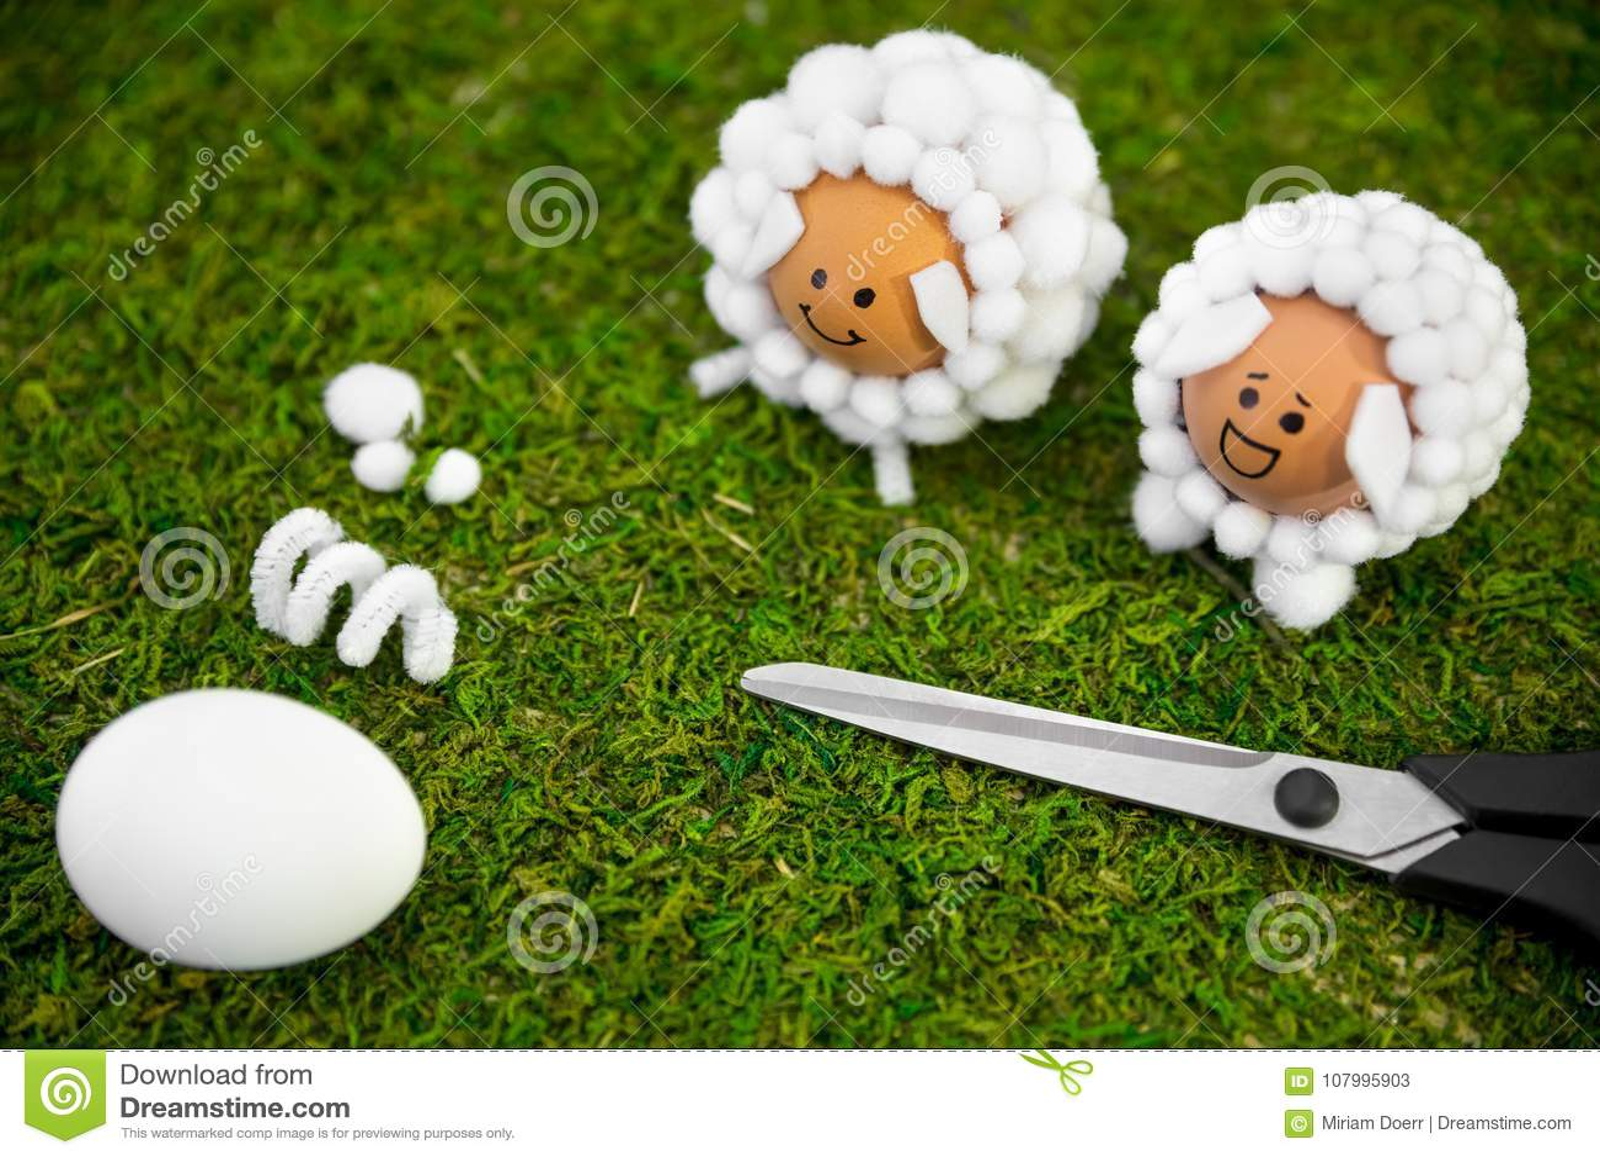 Idées de travail manuel de Pâques avec des oeufs et des boules de coton, diy et l individu